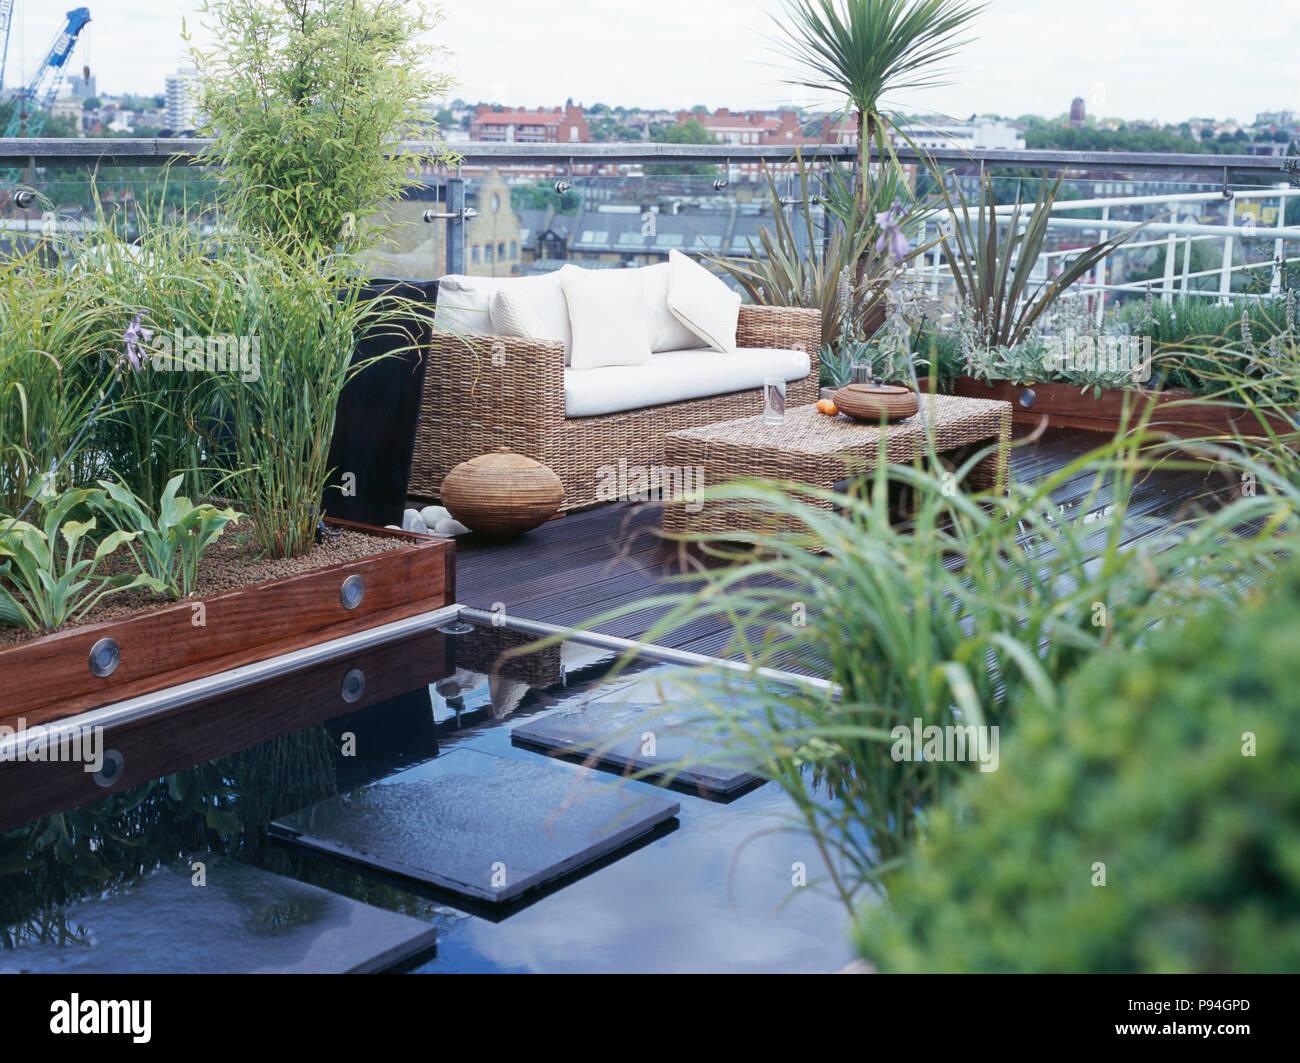 Pflastersteine In Pool Auf Geschmuckten Stadt Dach Garten Mit